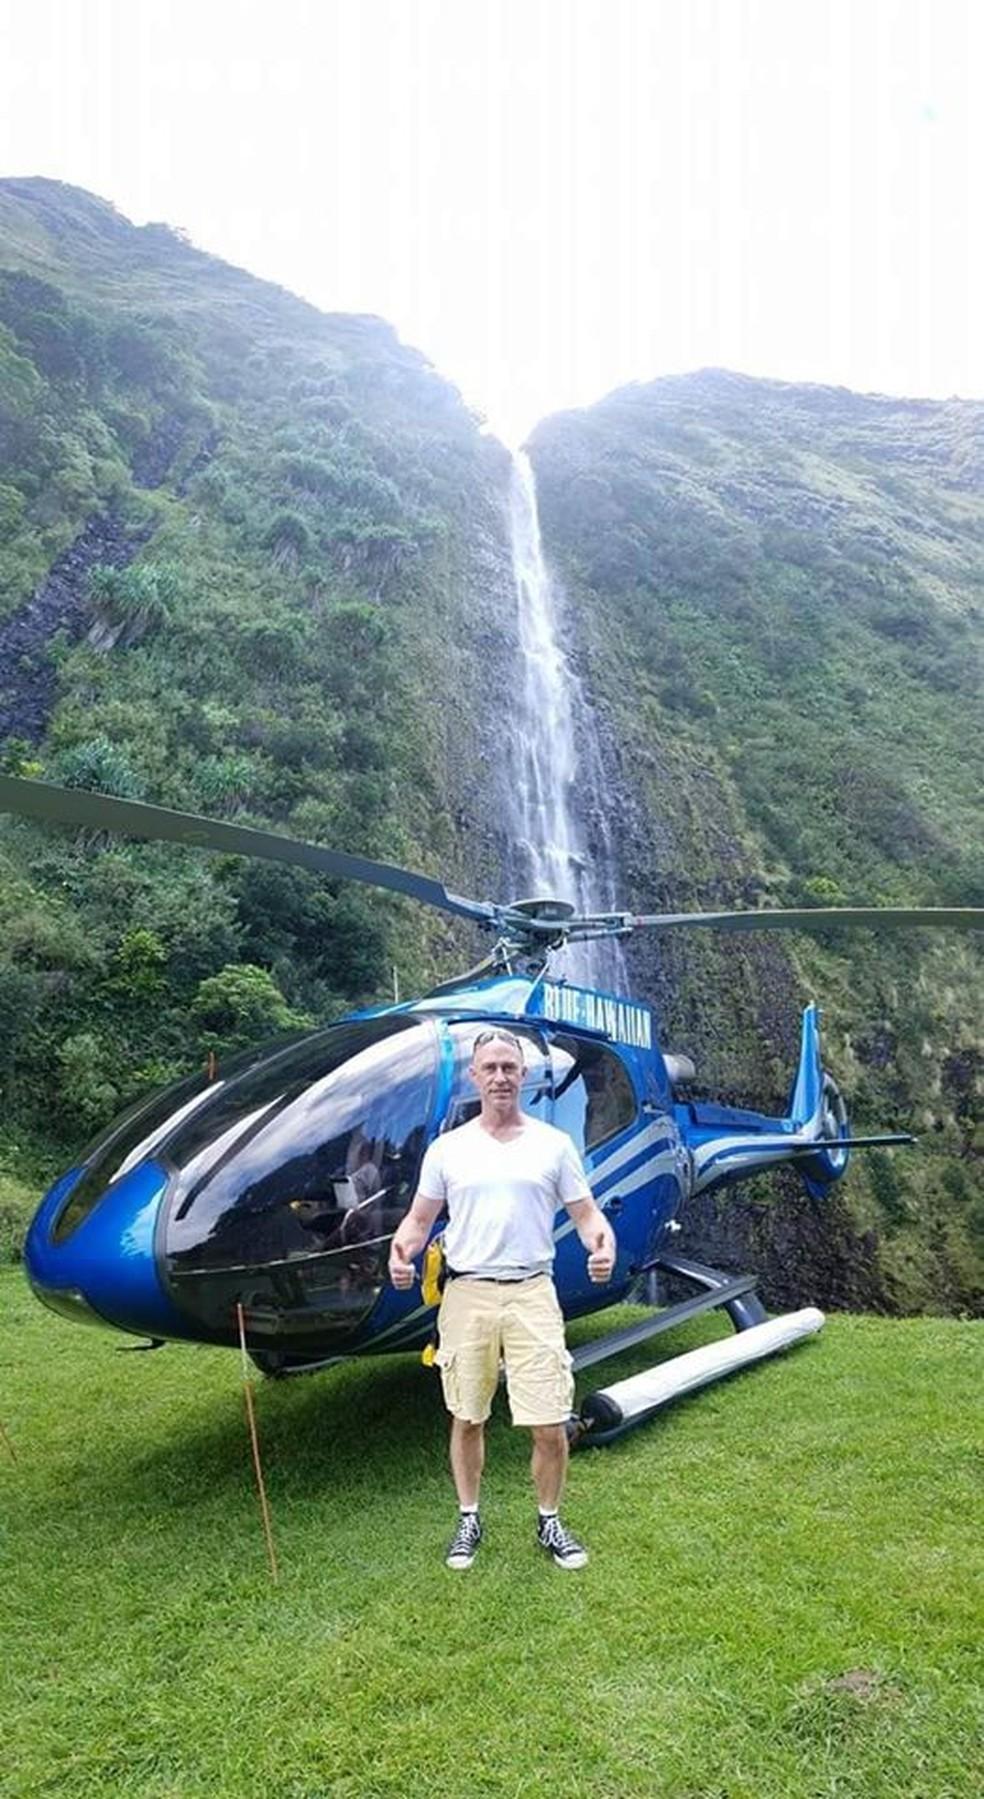 Ara Zobayan, o piloto do voo de Kobe Bryant — Foto: Reprodução